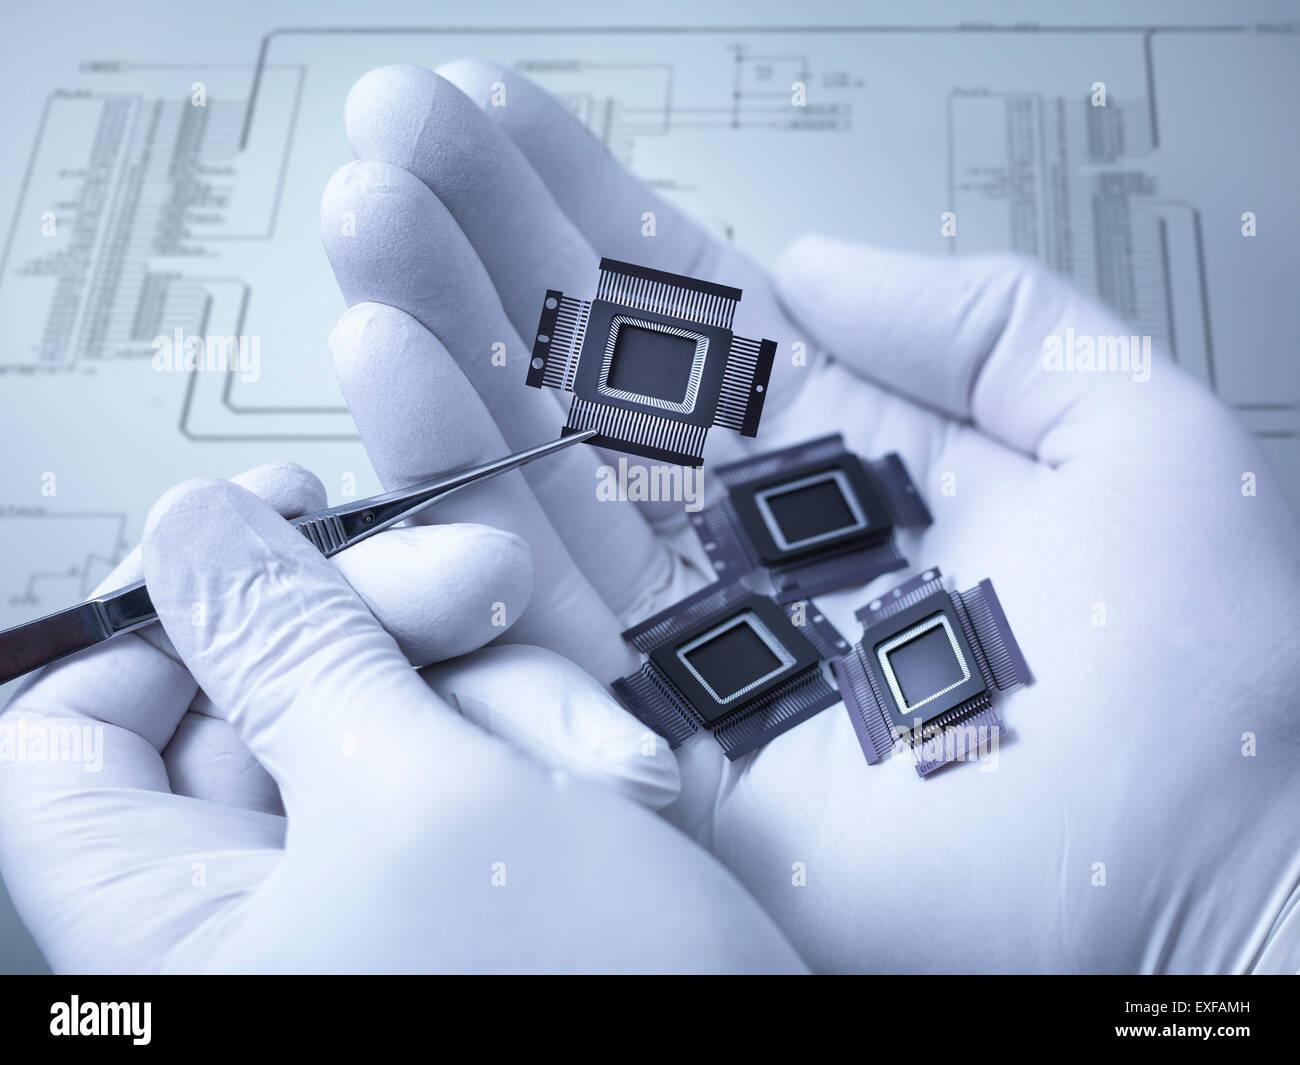 Elektronische Bauteile hielt in der Hand im Labor, Nahaufnahme Stockbild